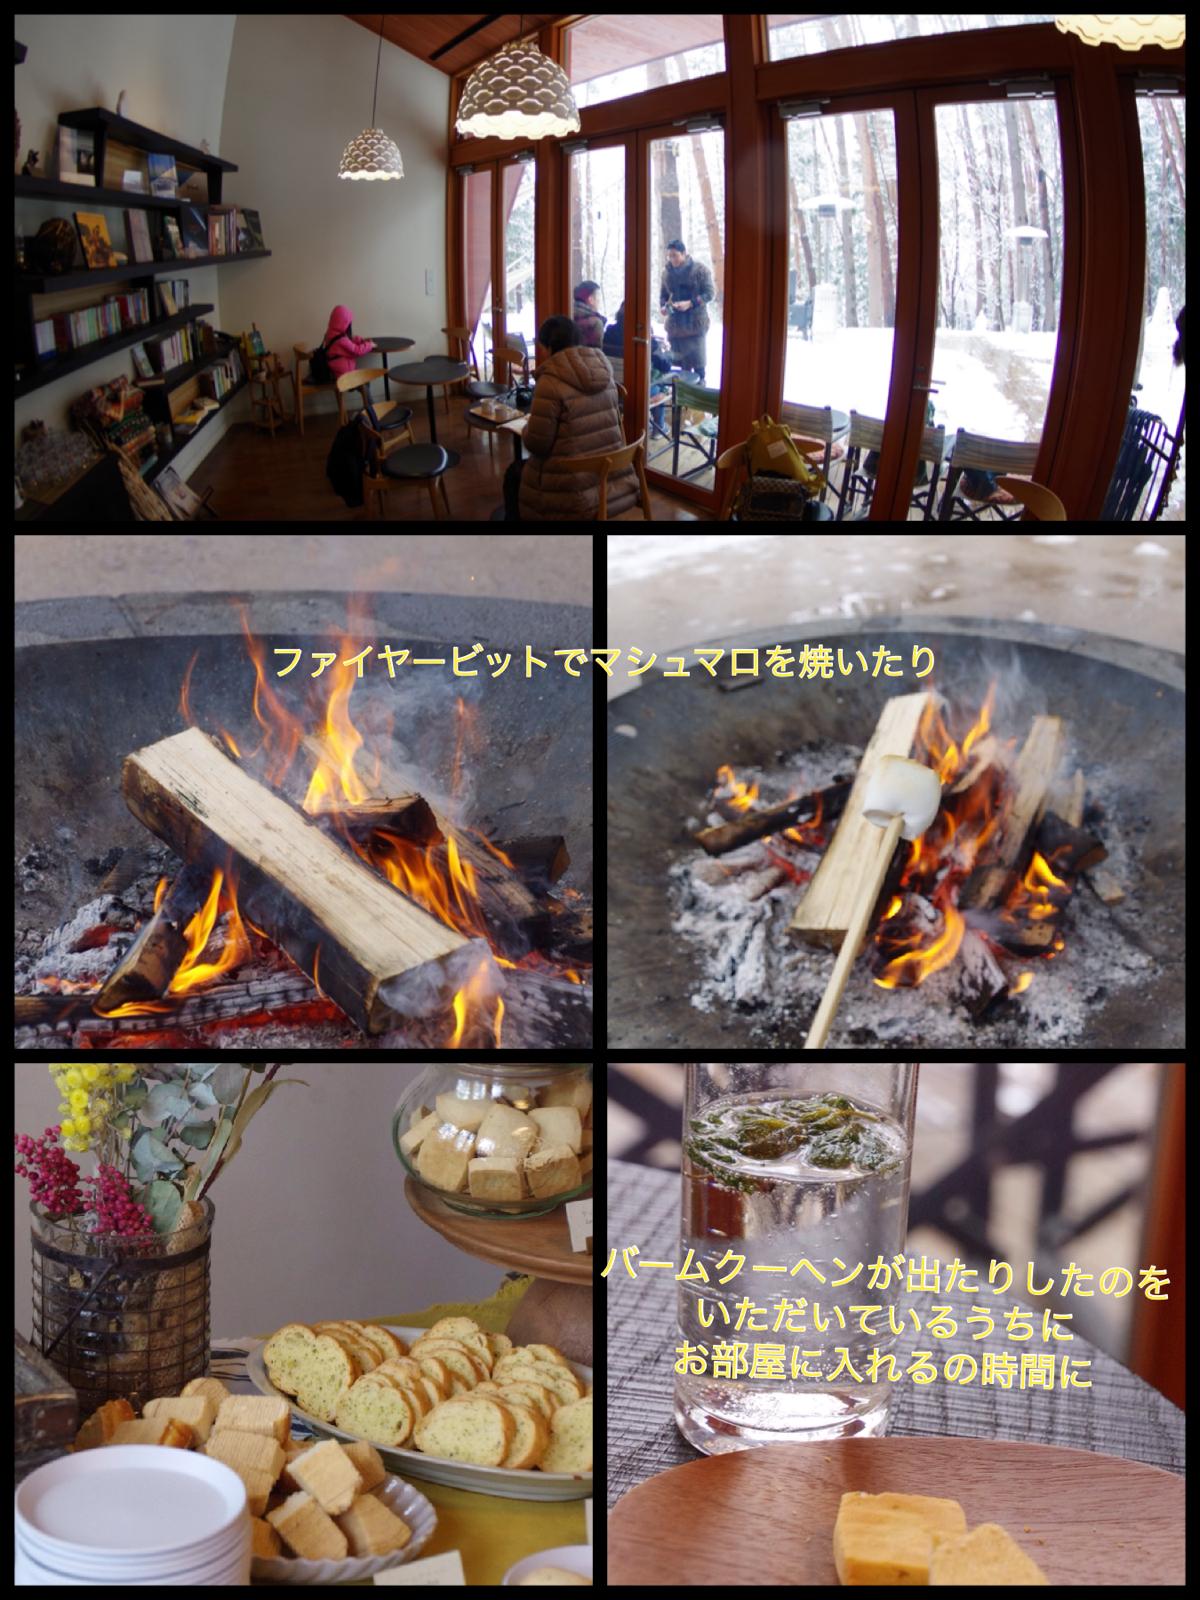 星のや富士 クラウドテラス ライブラリーカフェ